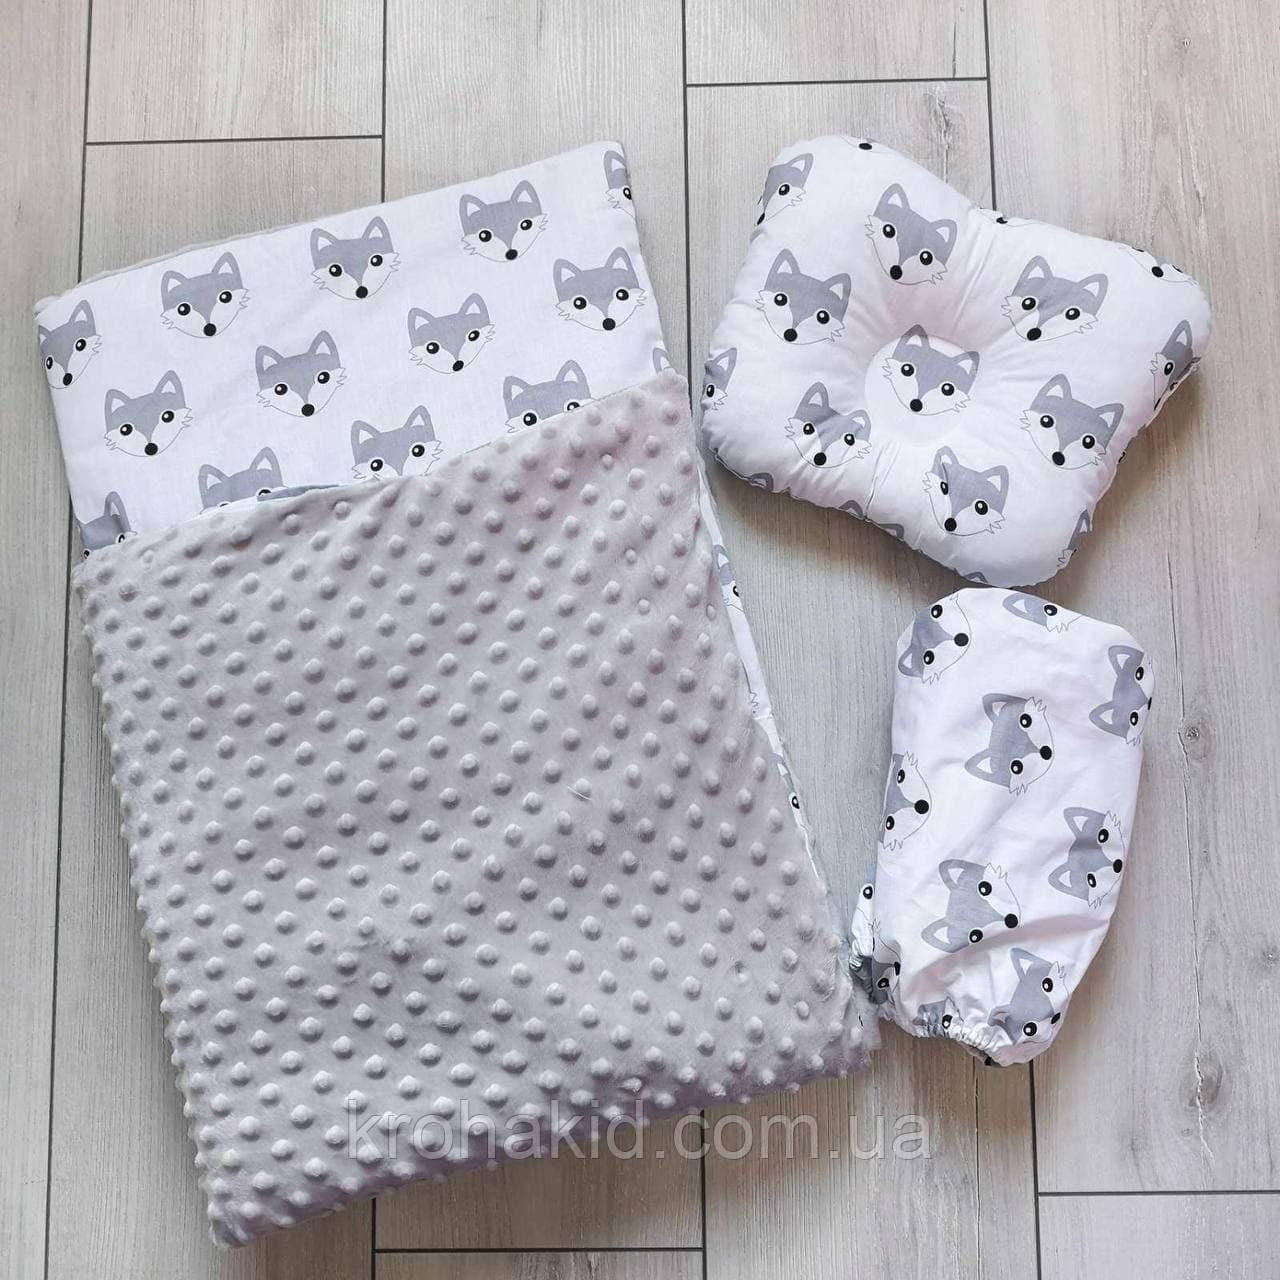 """Набір в коляску """"Минки"""" 3 предмета: подушка, покривало, простирадло / комплект постільної білизни в дитячу коляску"""